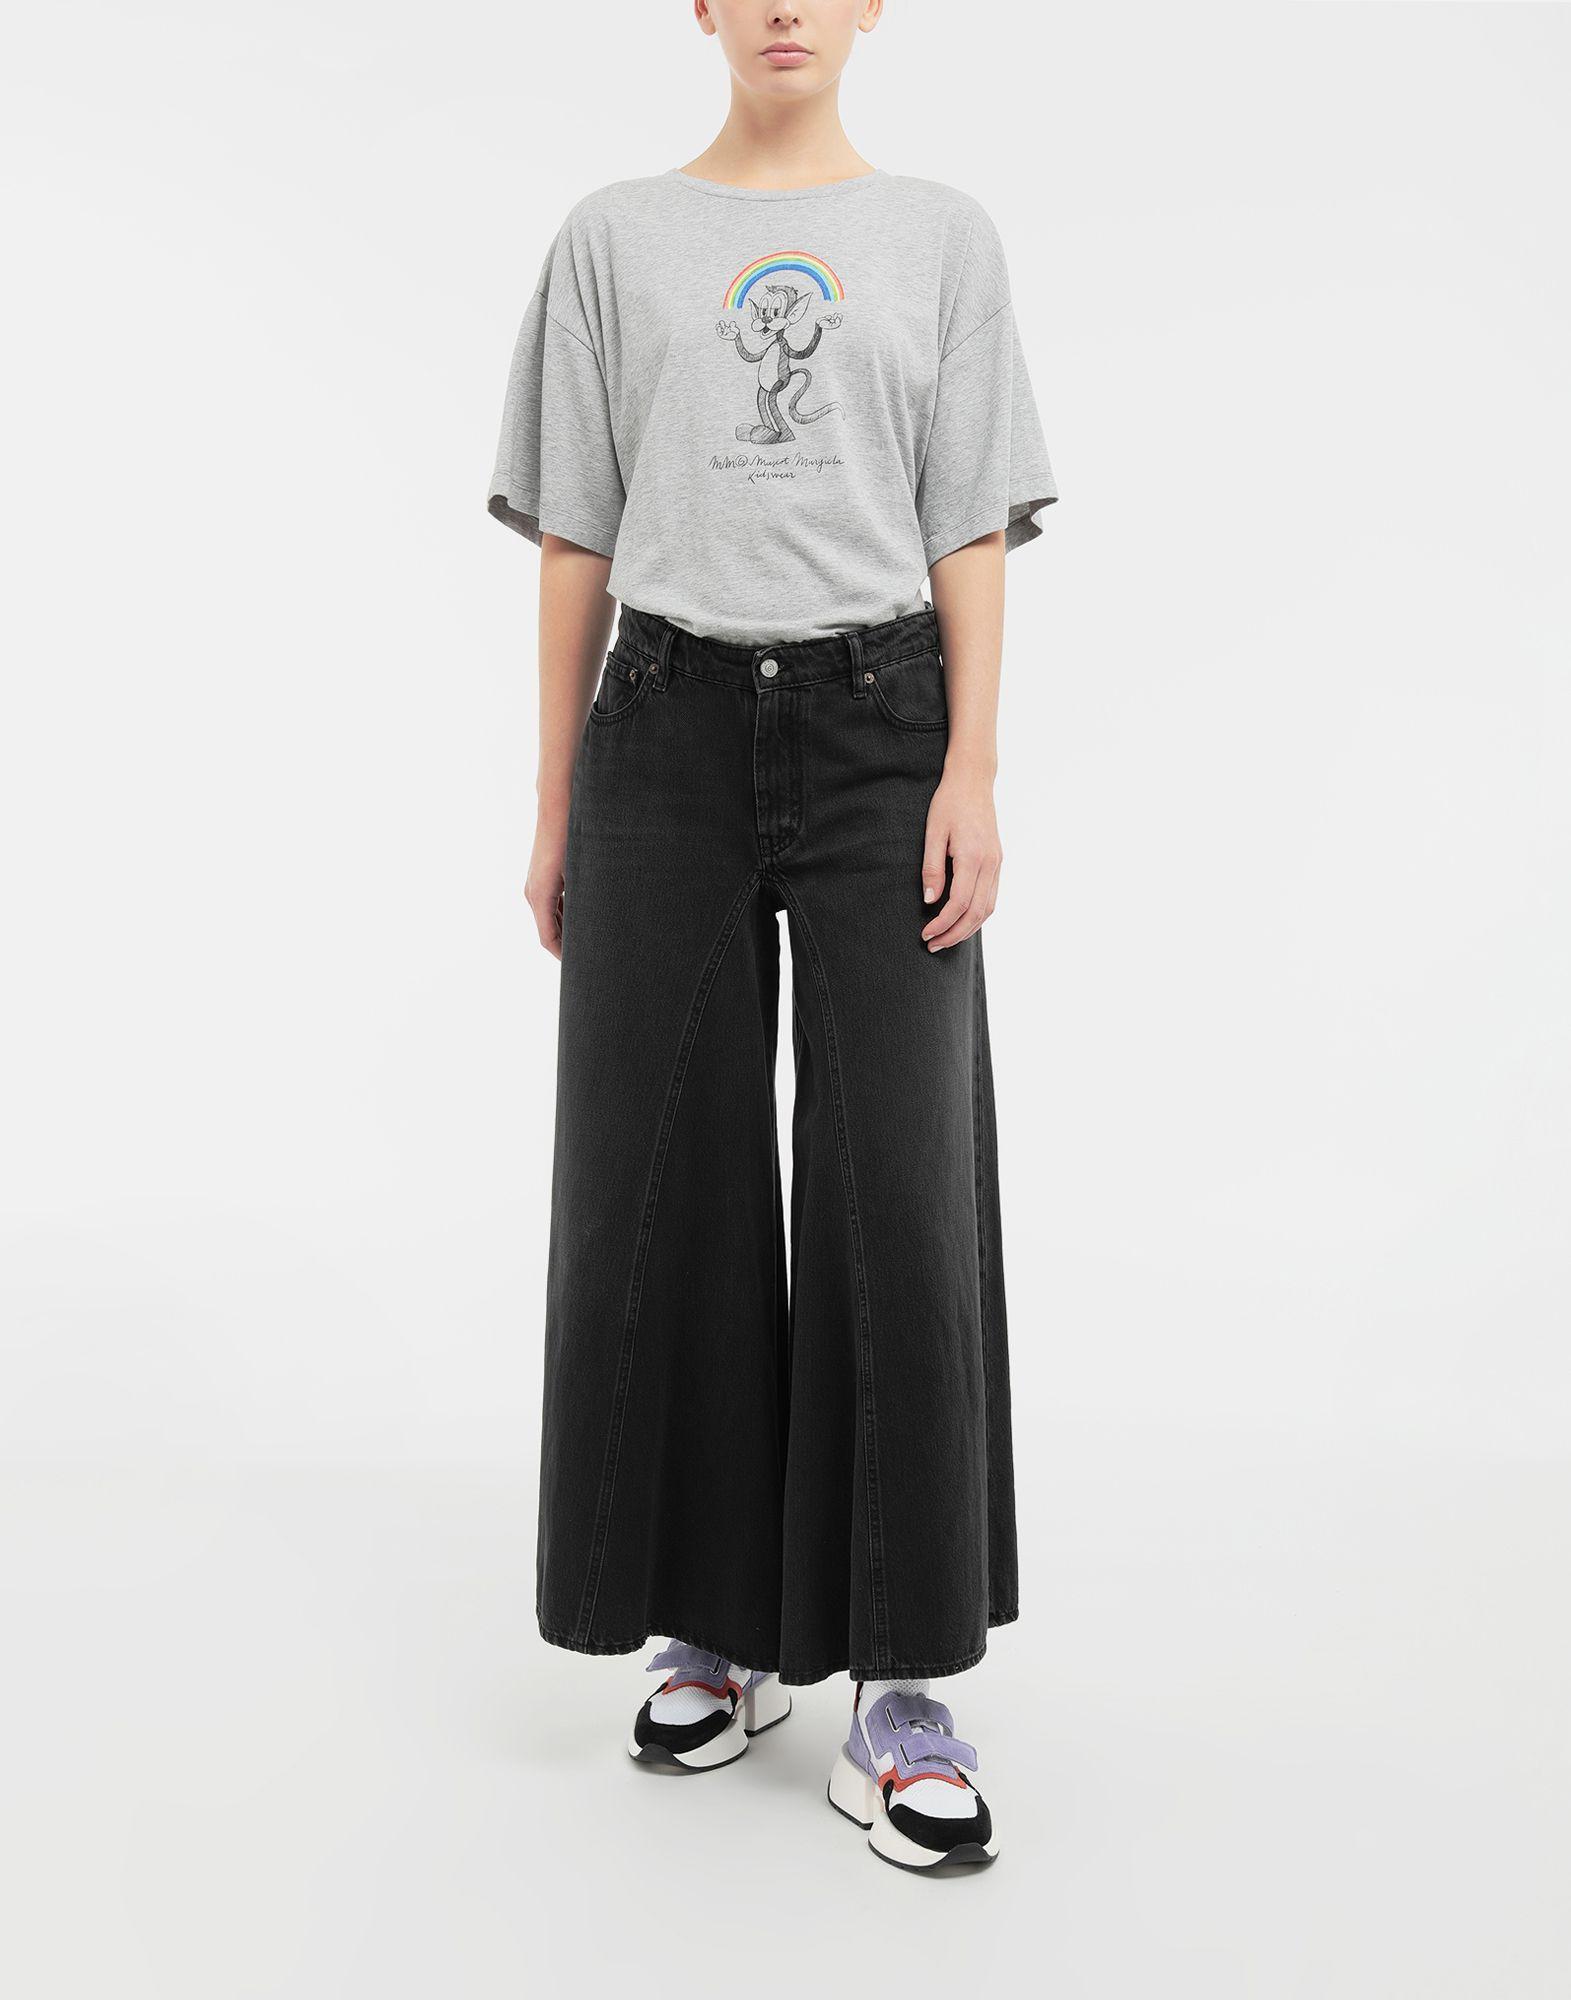 MM6 MAISON MARGIELA Rainbowmaker print T-shirt Short sleeve t-shirt Woman d